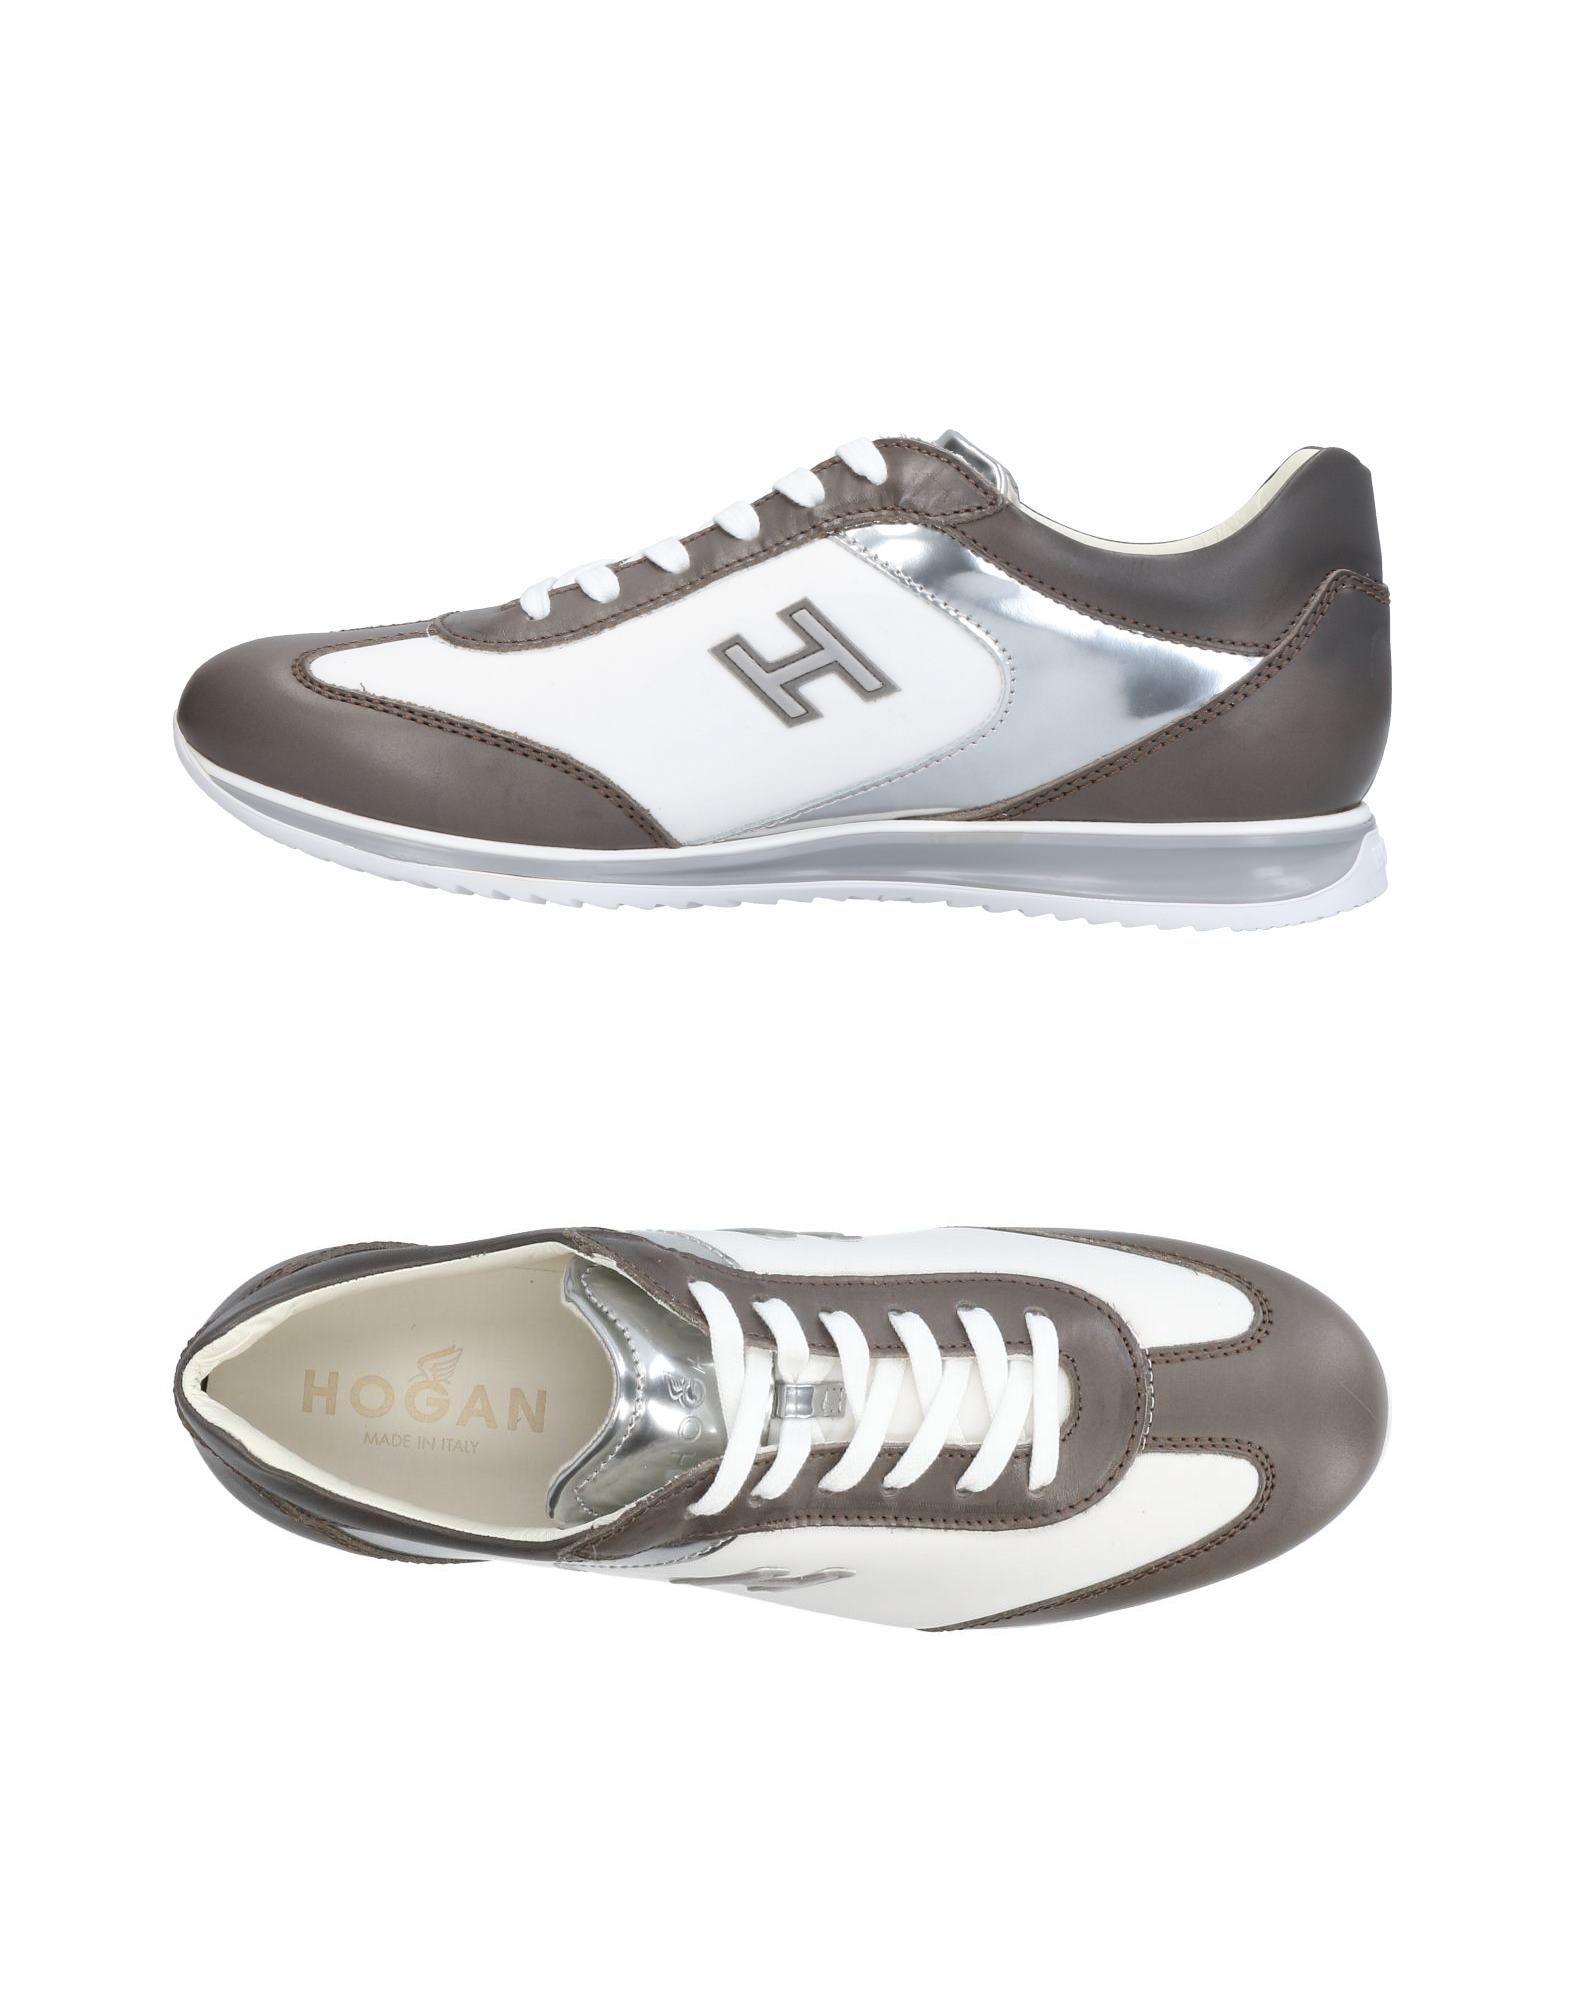 Scarpe economiche e resistenti Sneakers Hogan Uomo - 11435485KX